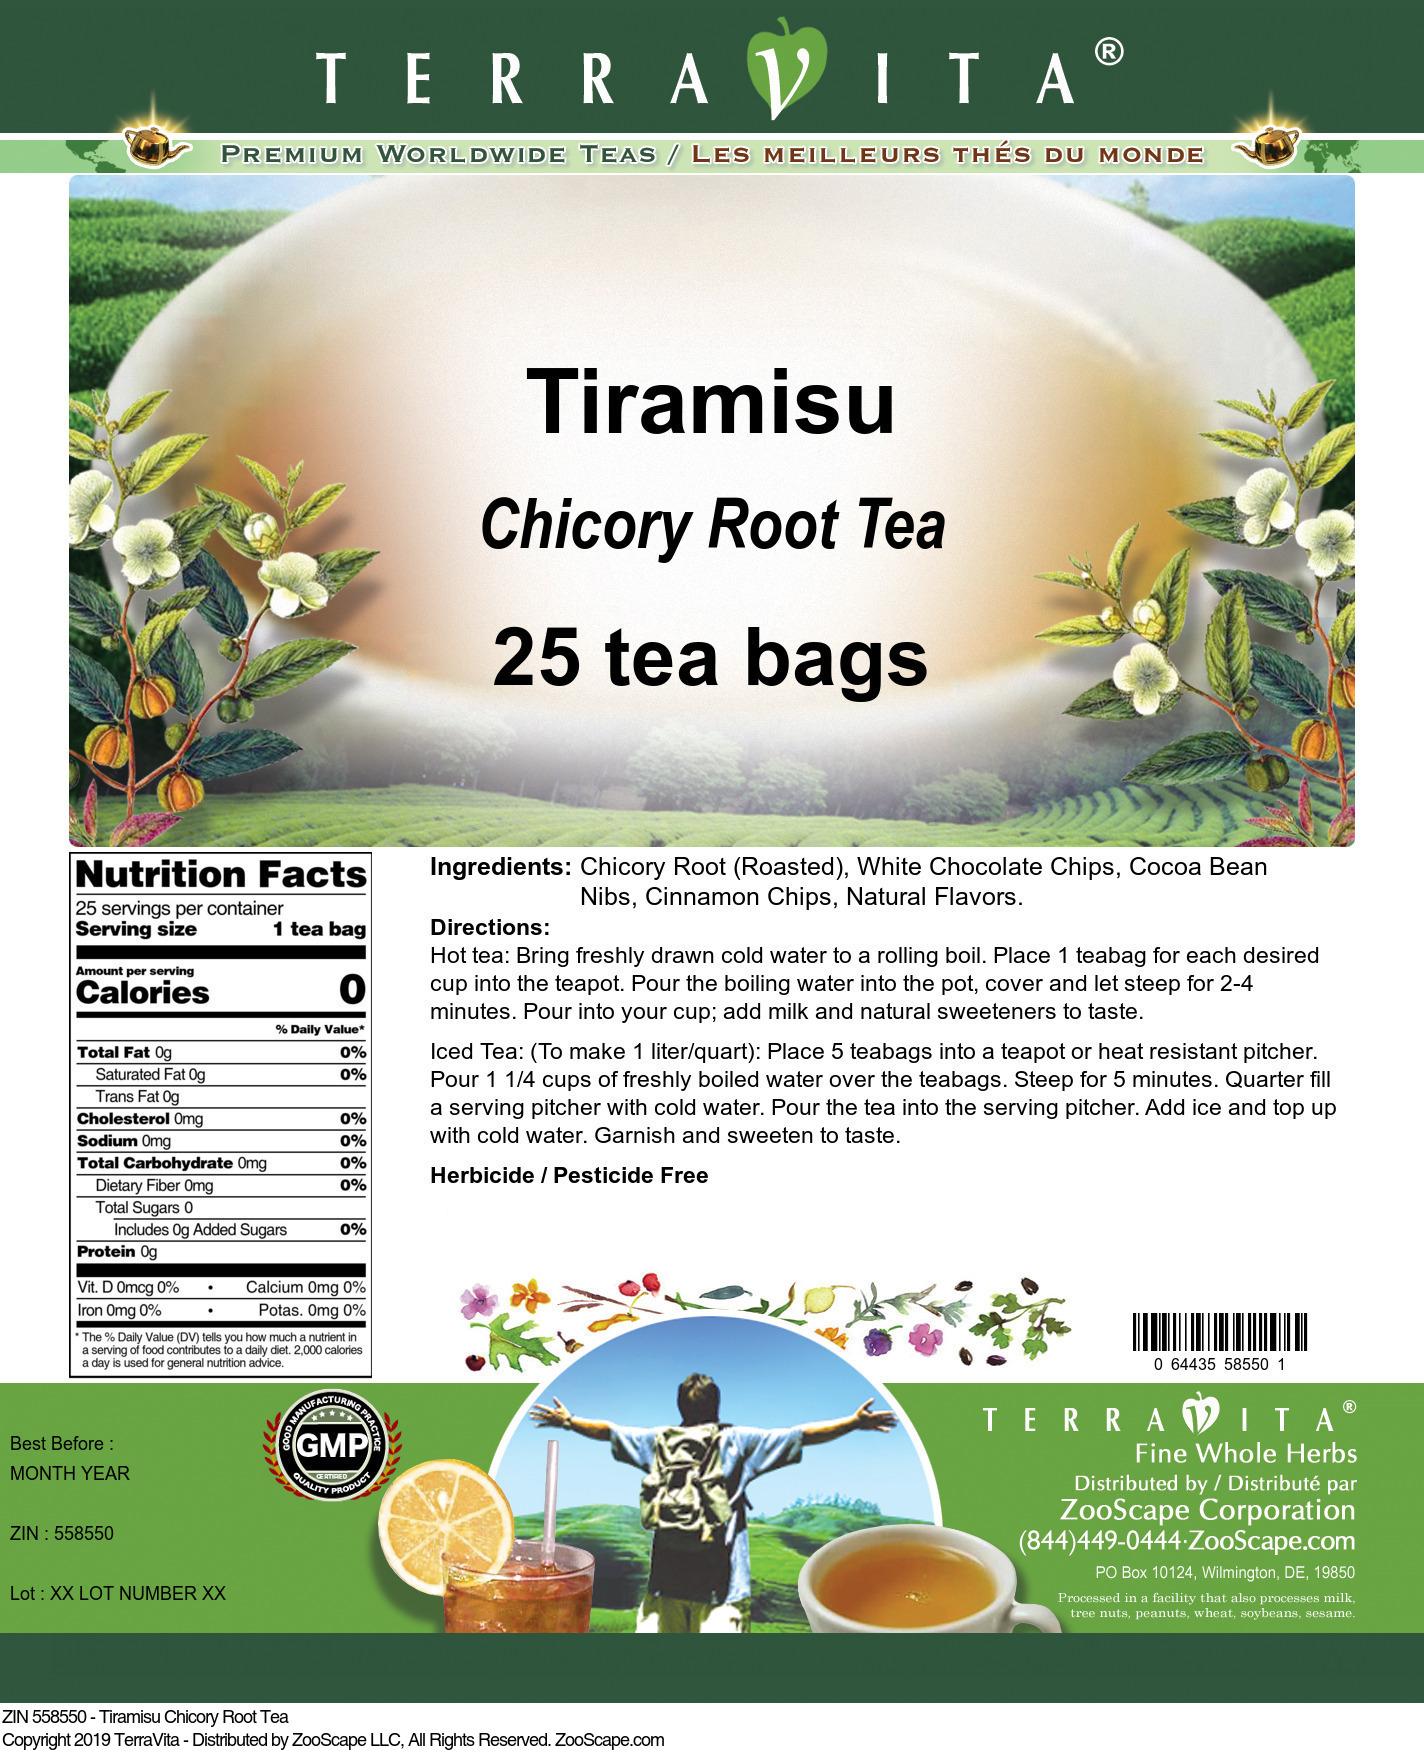 Tiramisu Chicory Root Tea